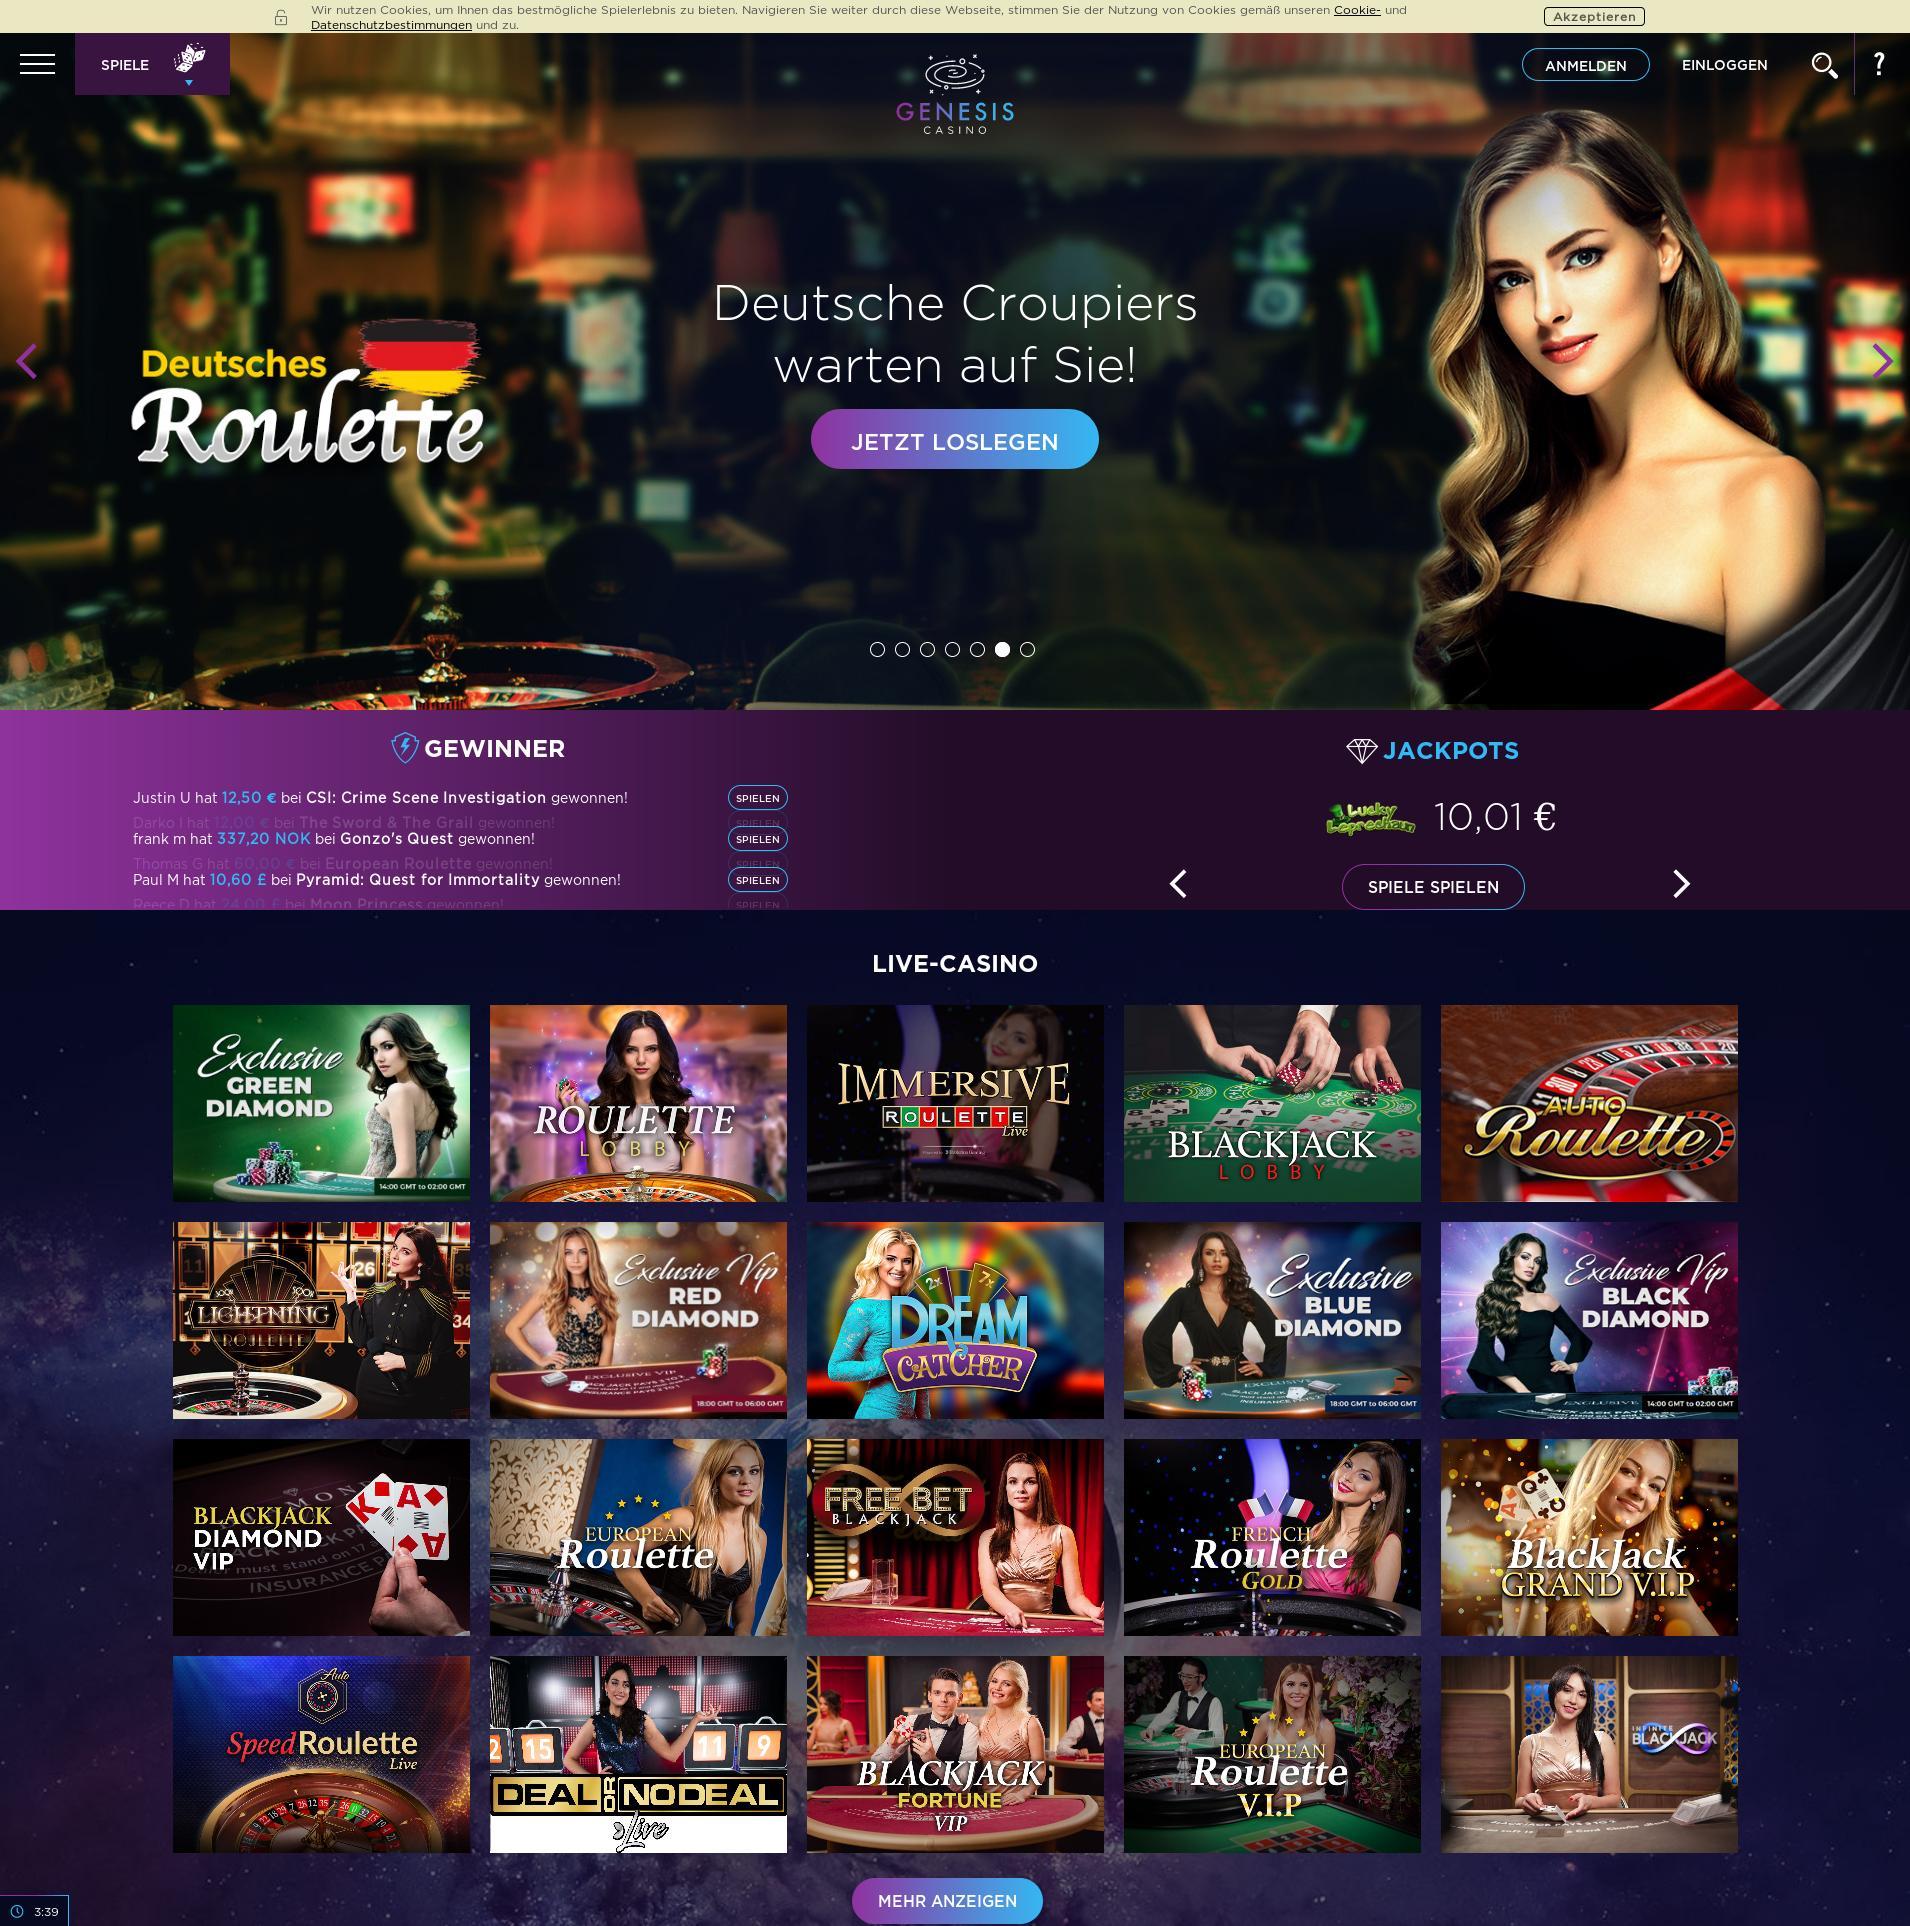 赌场的屏幕 Lobby 2019-12-12 对于 德国